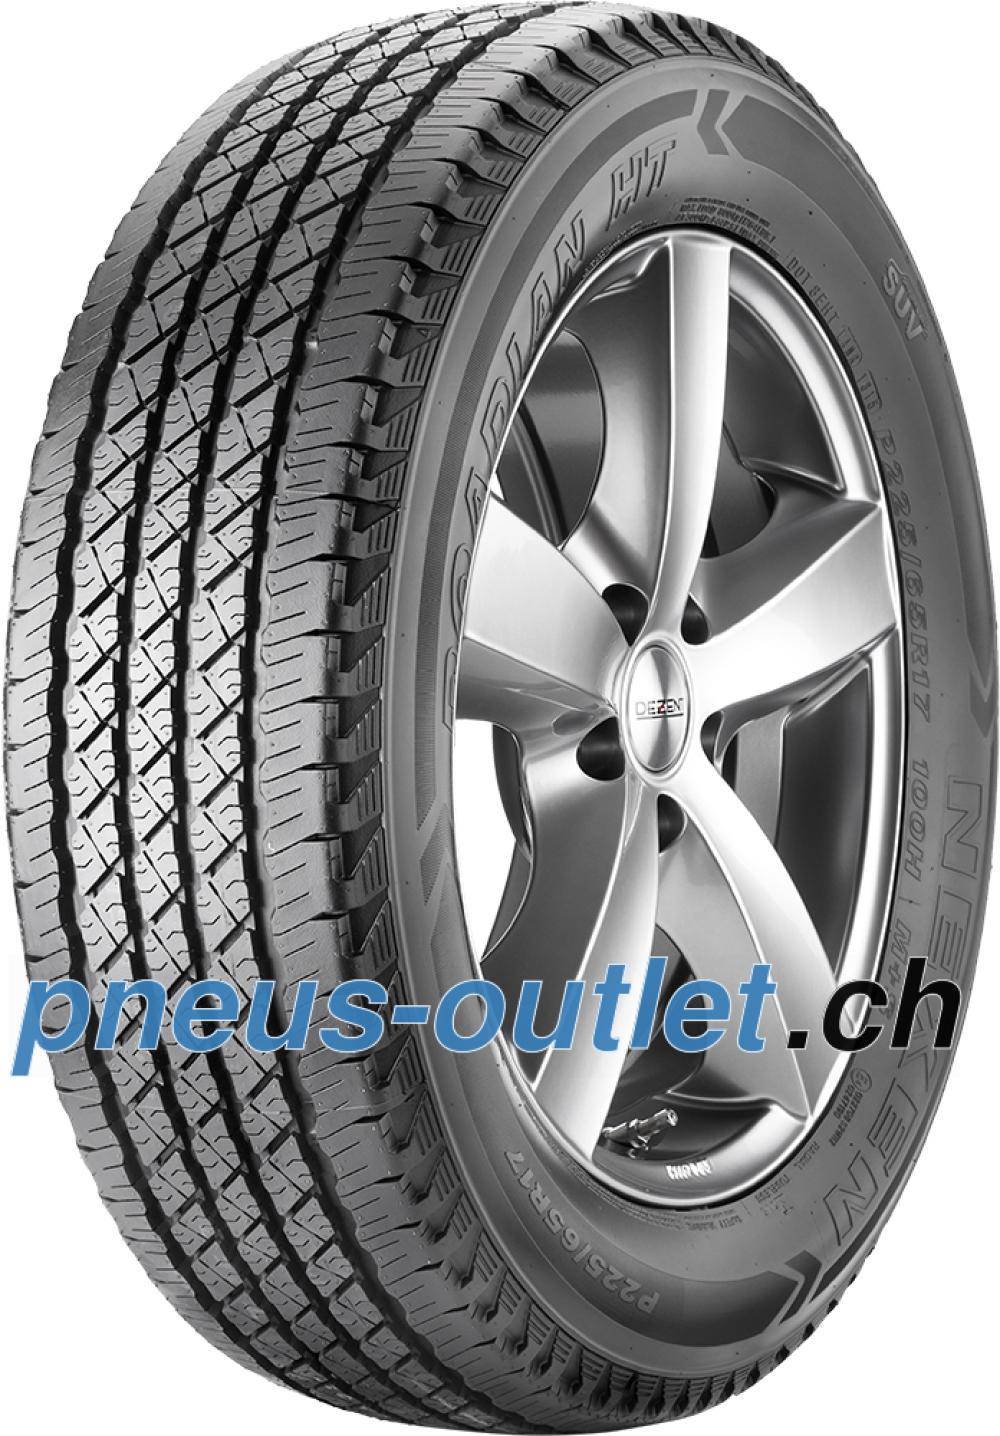 Nexen Roadian HT ( P245/65 R17 105S ROWL )